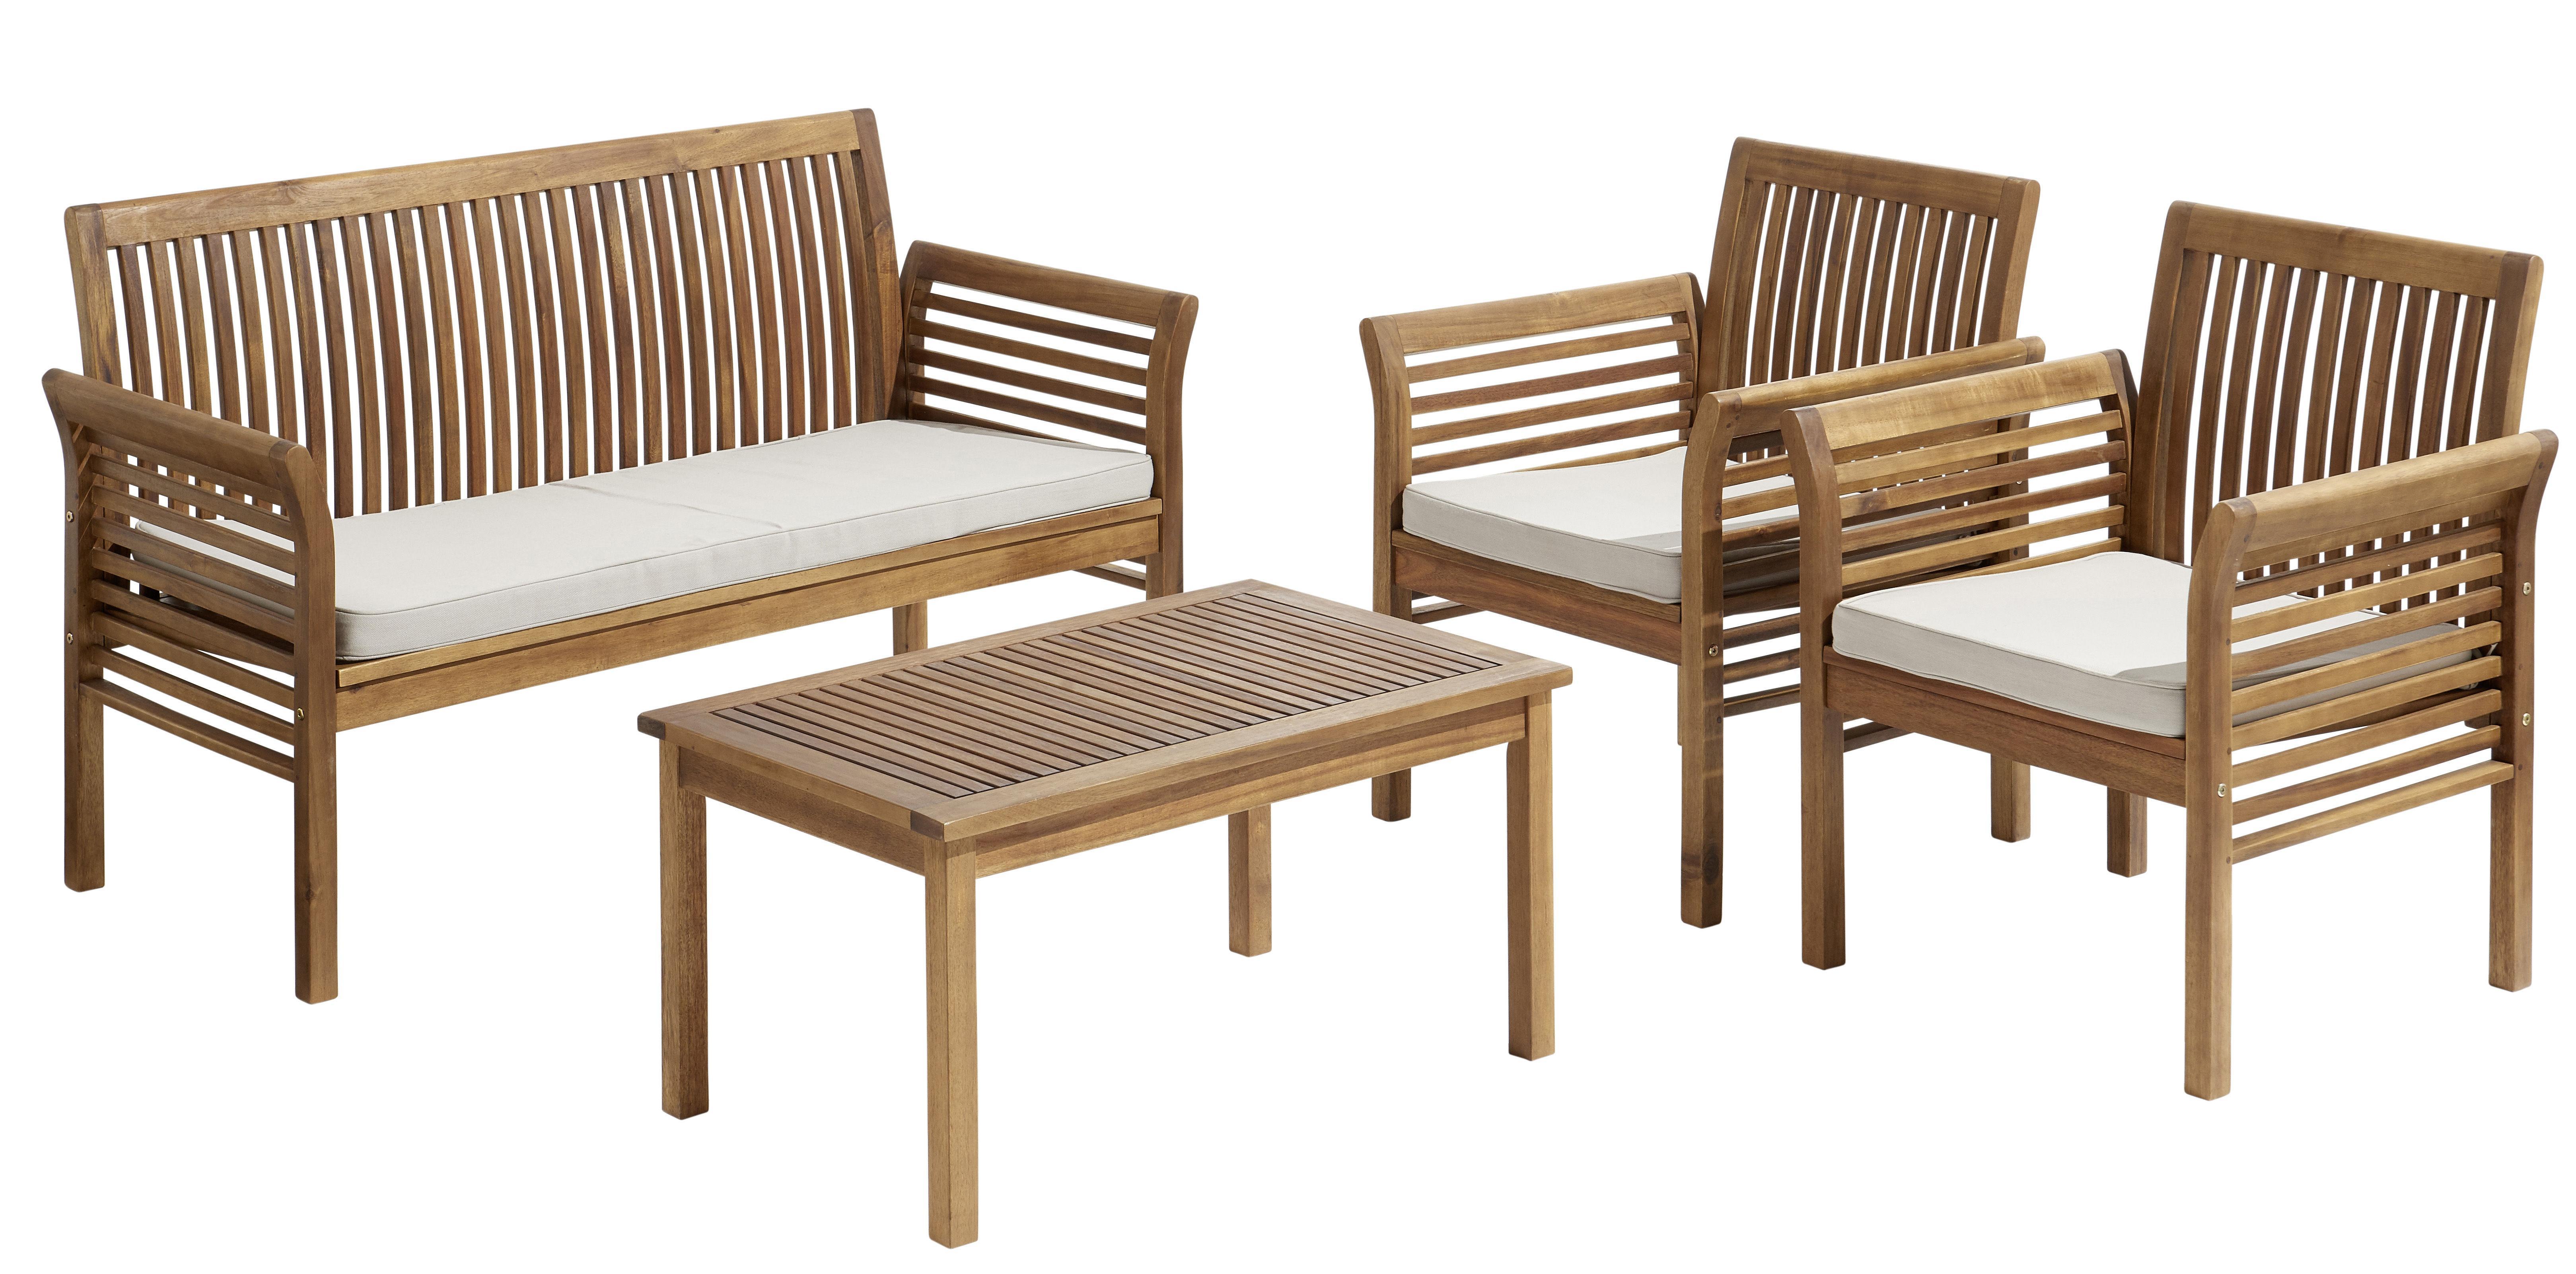 Jusqu'à -50% sur une sélection de mobilier de jardin - Ex: Salon Bas Hanoi (1 table basse + 1 sofa + 2 fauteuils)